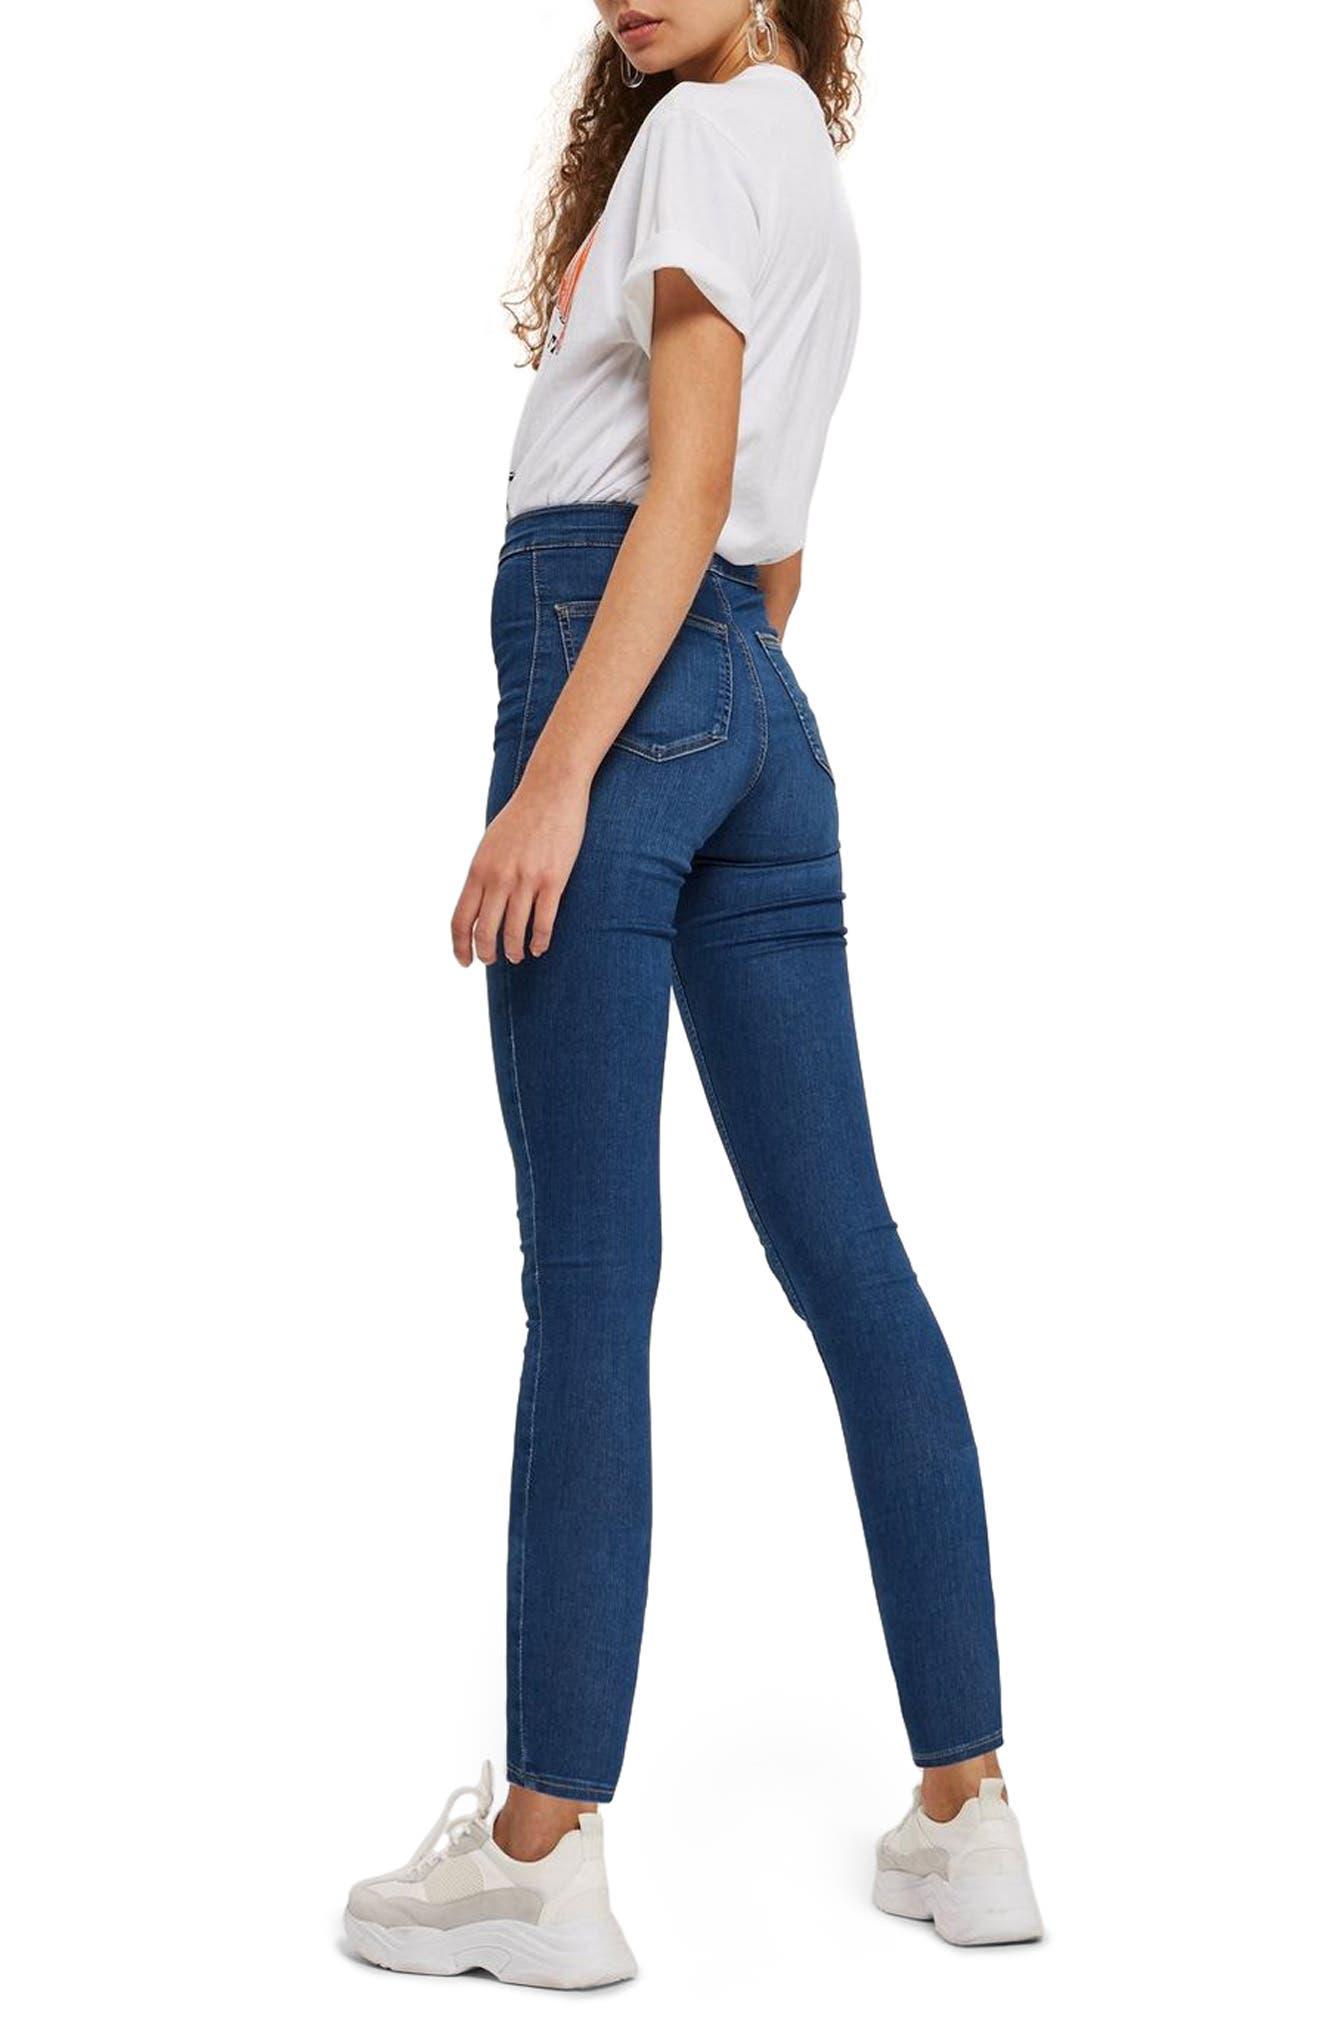 TOPSHOP, Moto Joni Skinny Jeans, Alternate thumbnail 2, color, BLUE